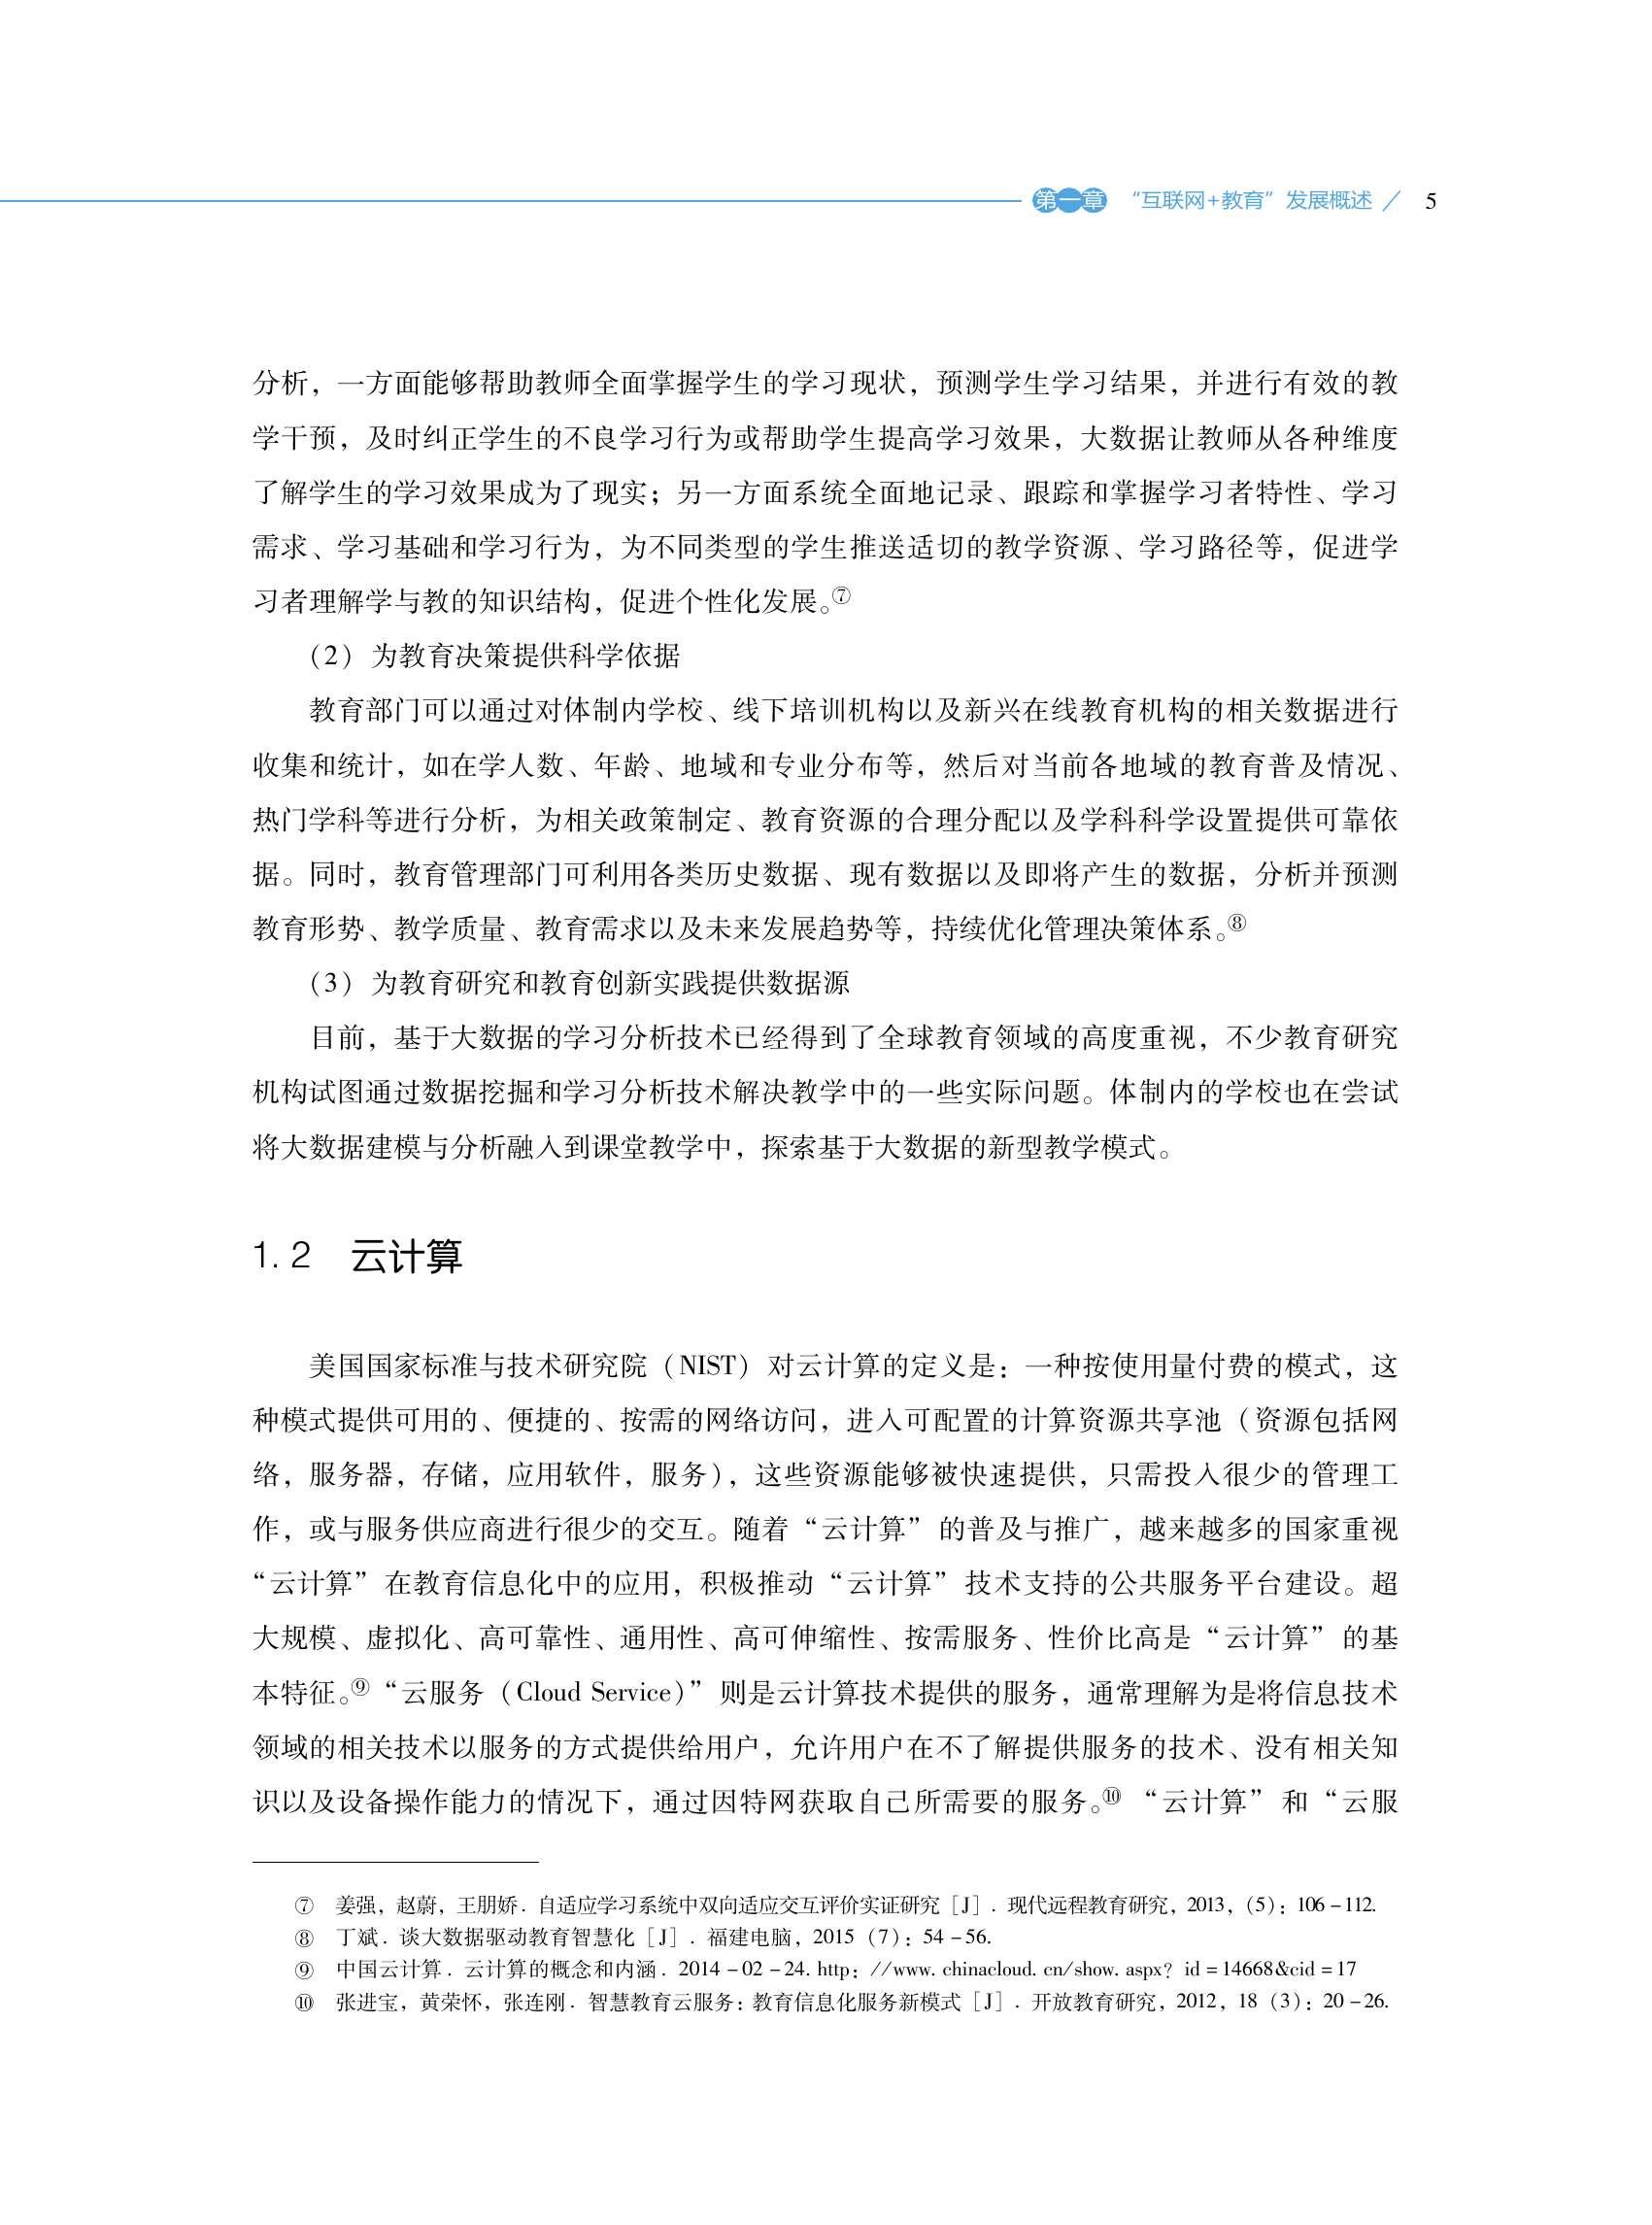 2015年中国互联网学习白皮书_000016